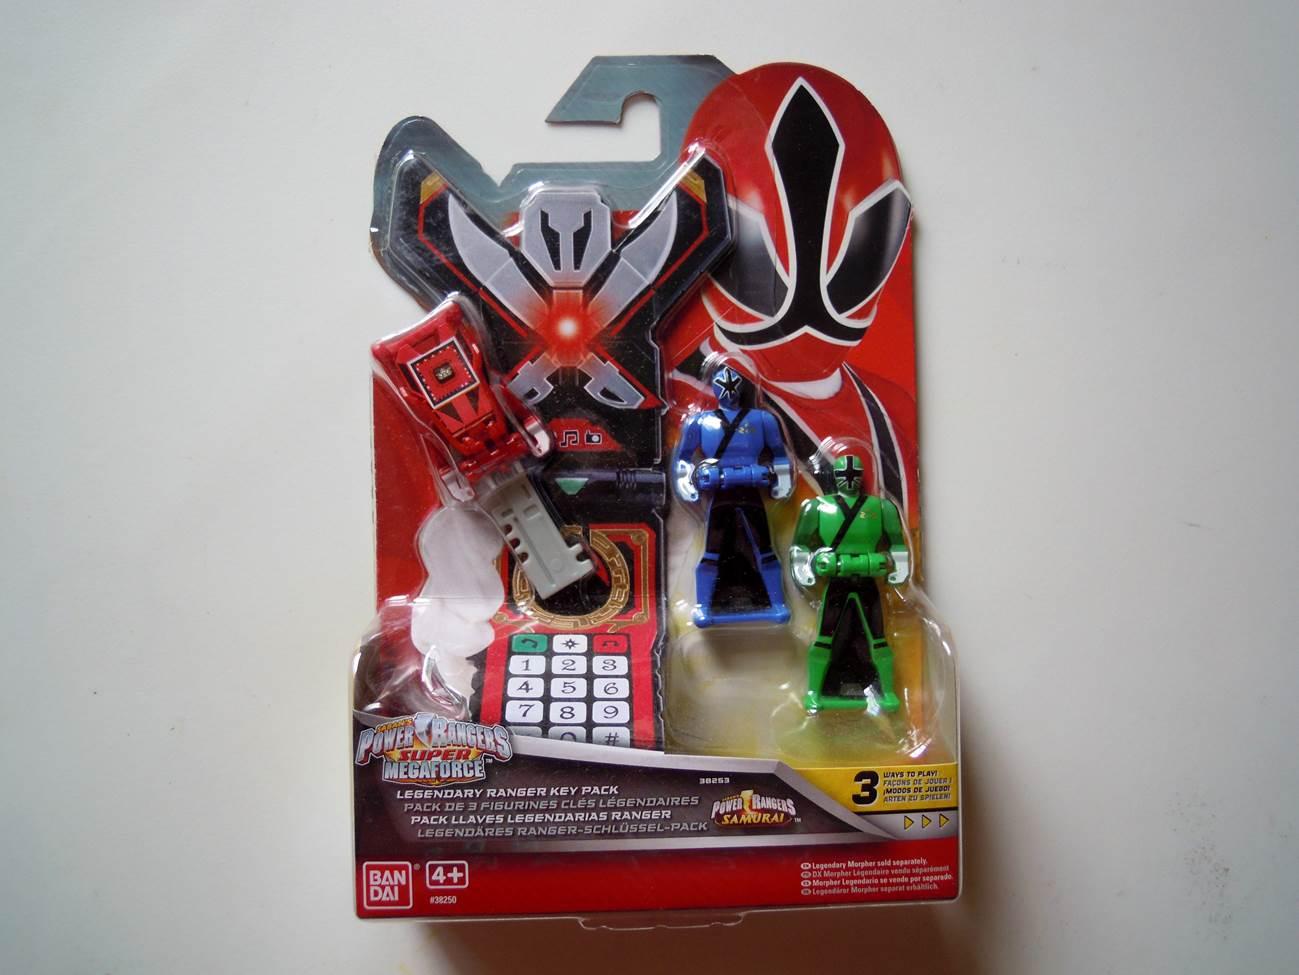 Power Rangers Megaforce Deluxe Legendary Morpher with 3 Set Legendary Key Packs